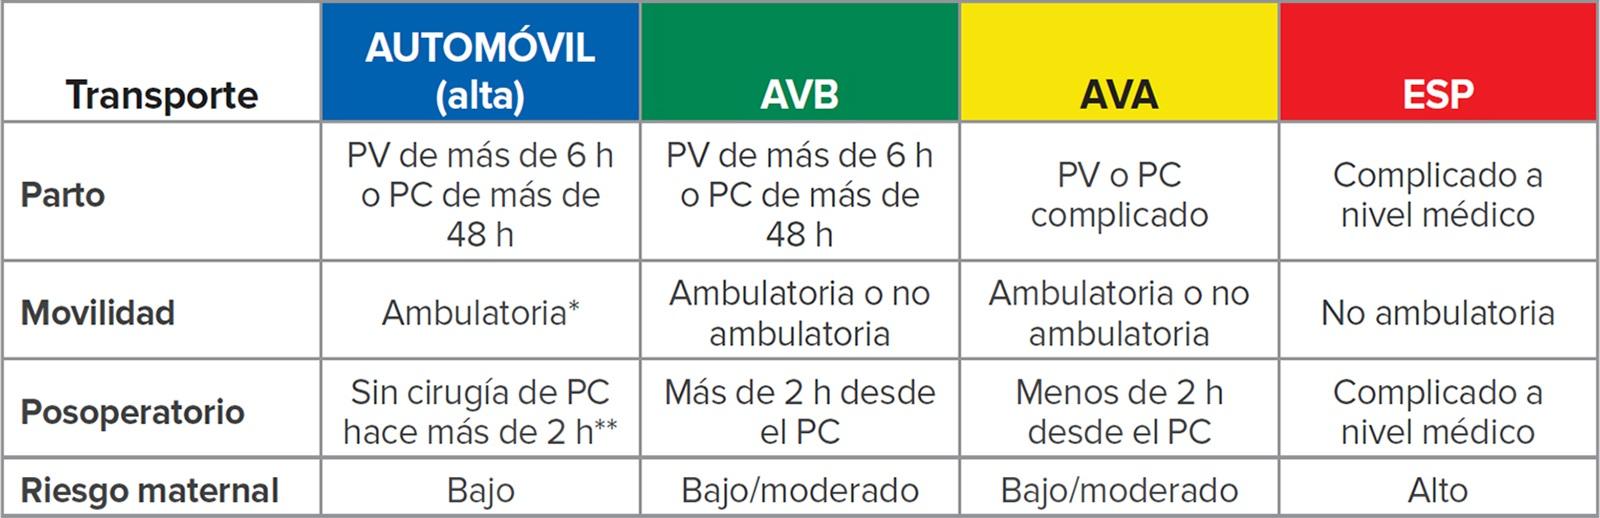 AVB = auxilio vital básico (ambulancia con personal técnico y médico de emergencia); AVA = auxilio vital avanzado (ambulancia con personal paramédico); ESP = especializado (debe estar acompañada por un médico o enfermero de transporte); PV = parto vaginal; PC = parto por cesárea.<br /><br />*Puede pararse desde una posición en cuclillas.<br /><br />**Si está disponible la supervisión de un adulto durante 24 horas.